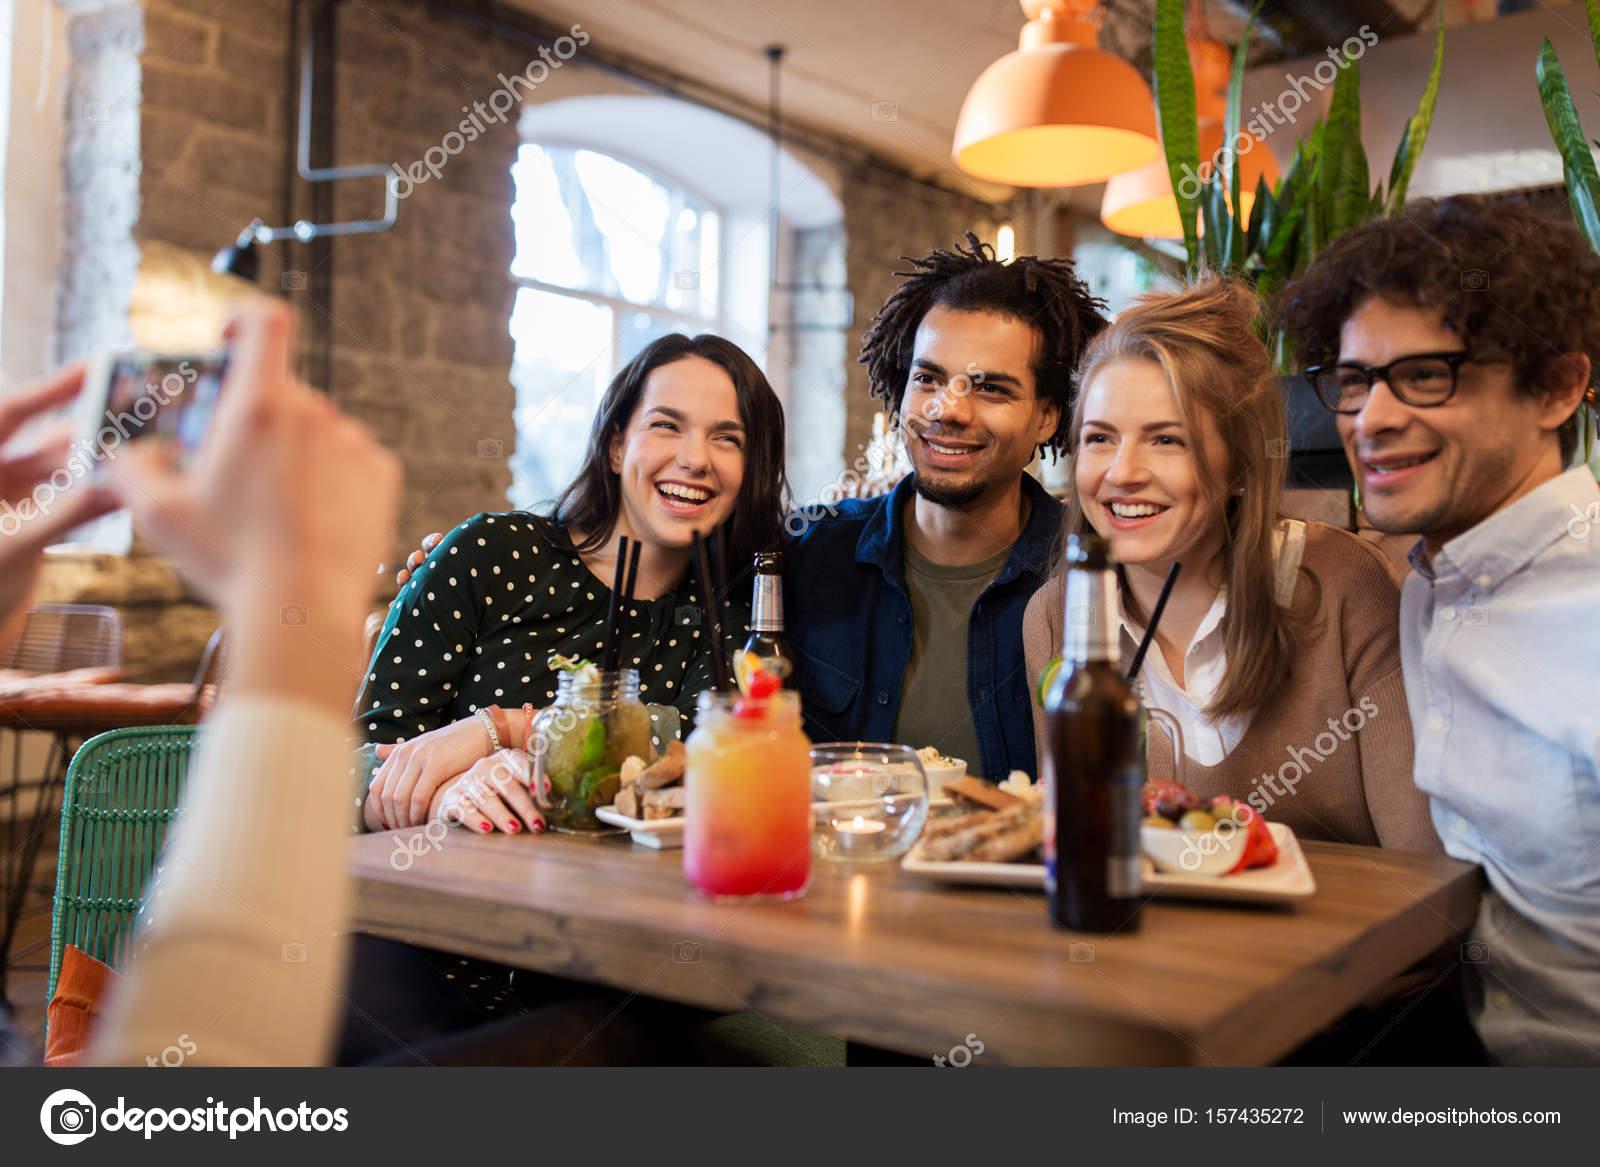 можно ли производить фотосъемку клиентов в кафе дополняет